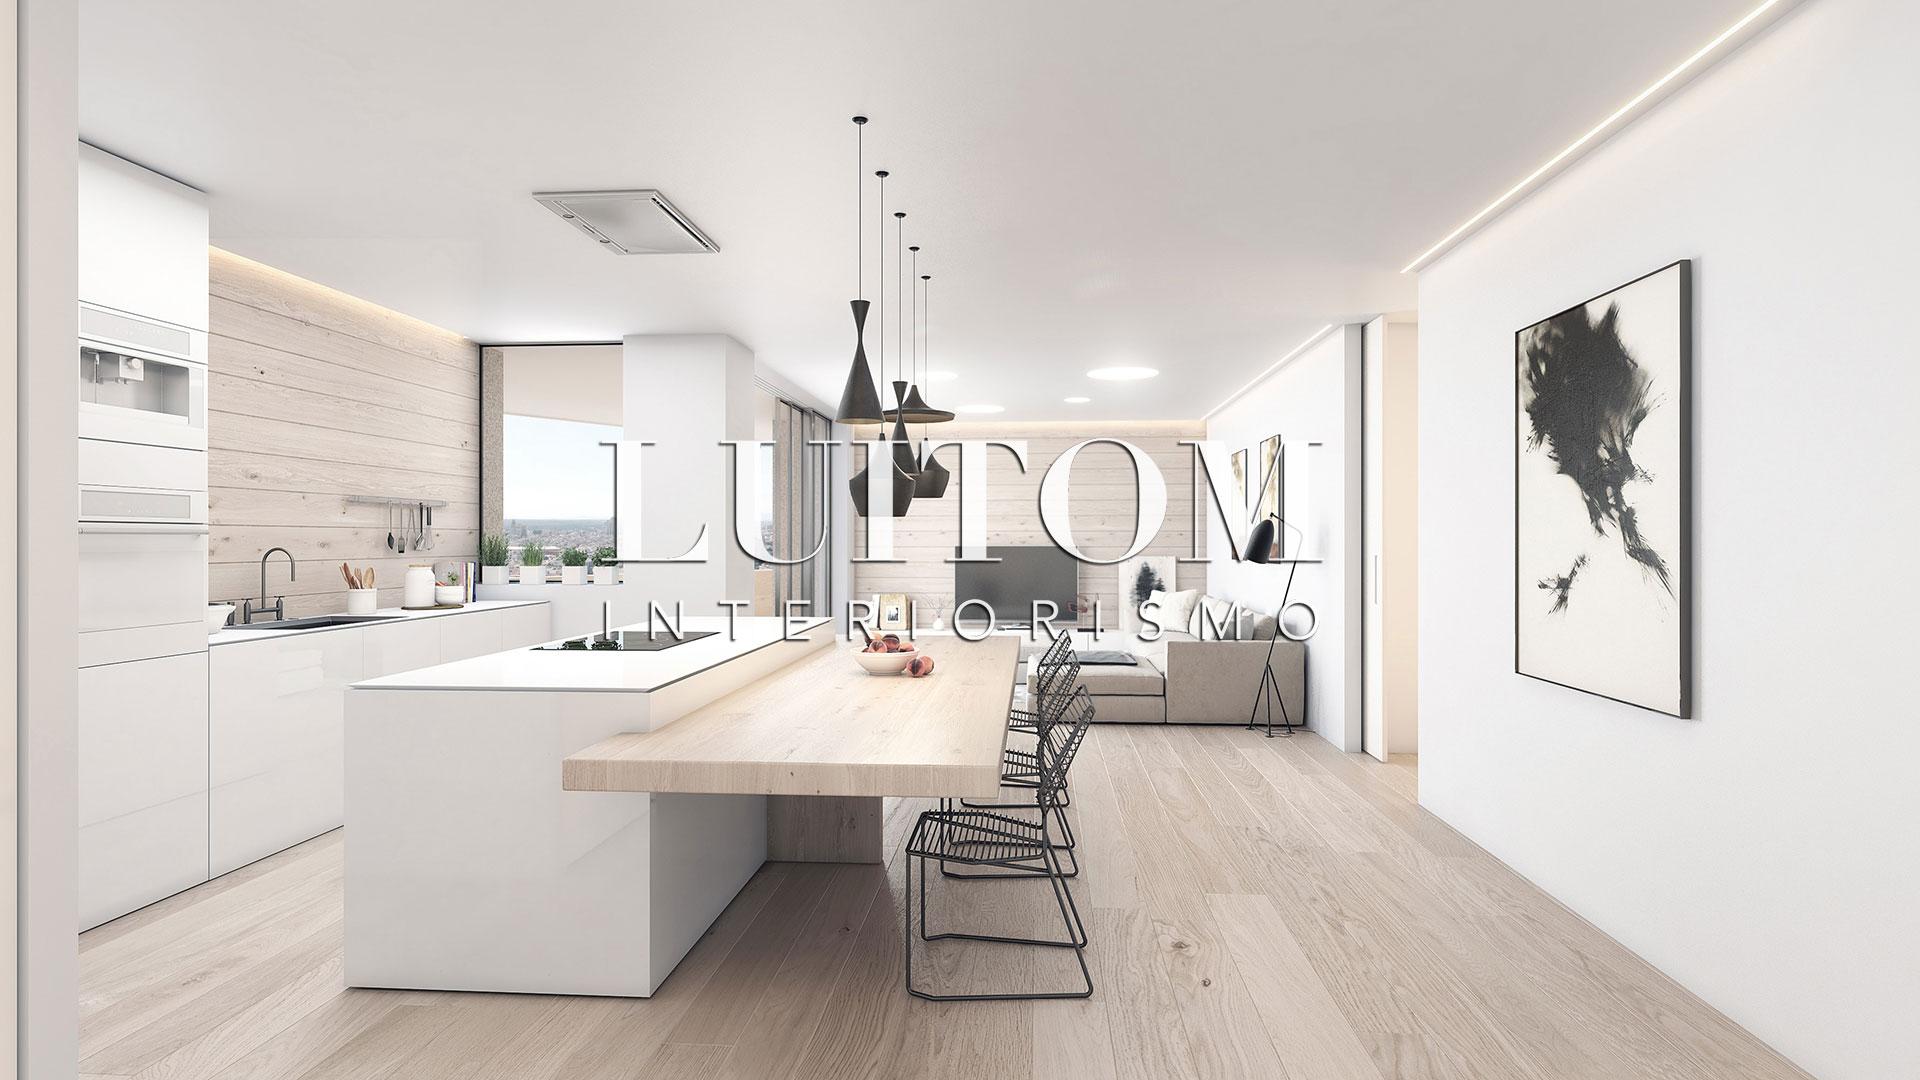 proyectos-interiorismo-decoracion-viviendas-arquitectura-hogar-reformas-casas-de-lujo-en-madrid